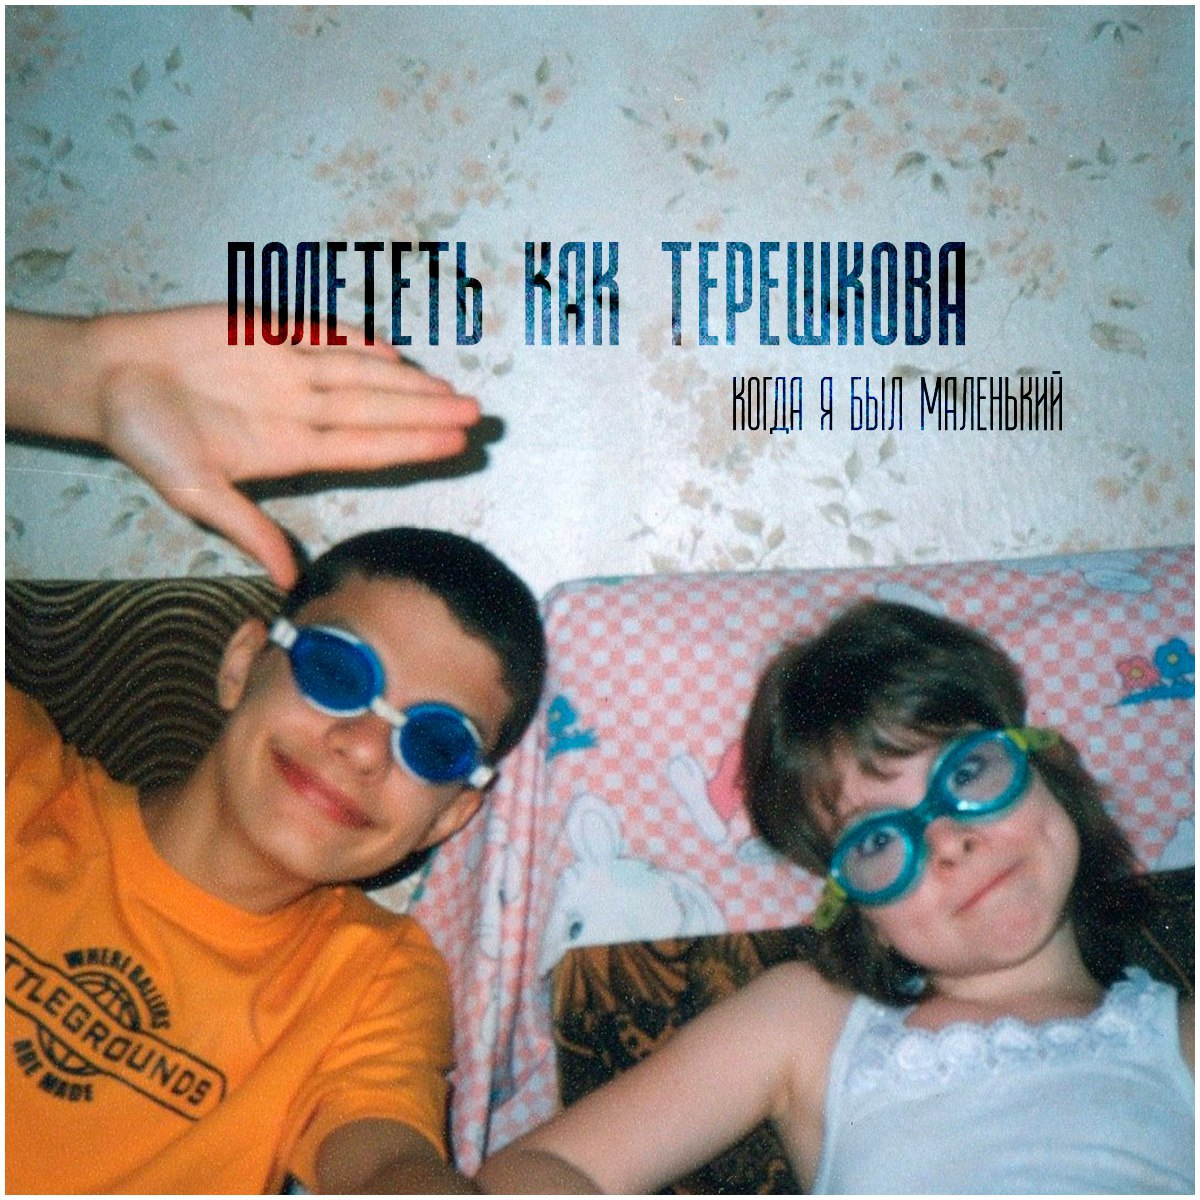 Полететь как Терешкова — Когда я был маленький